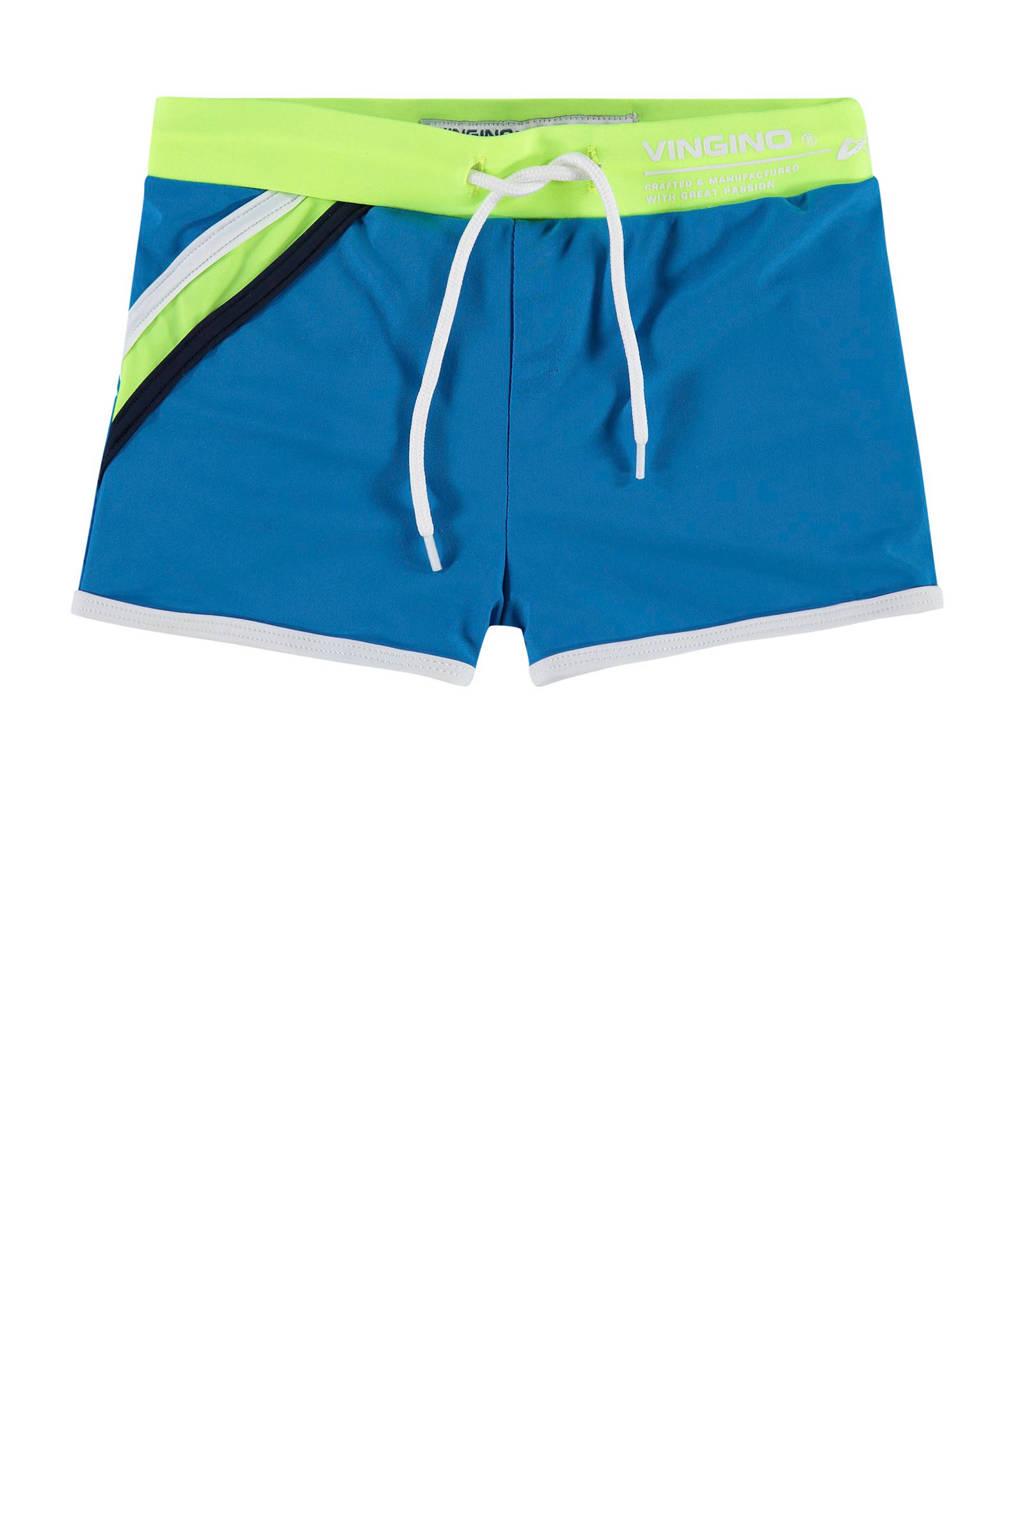 Vingino zwemboxer Zino blauw, Blauw/geel